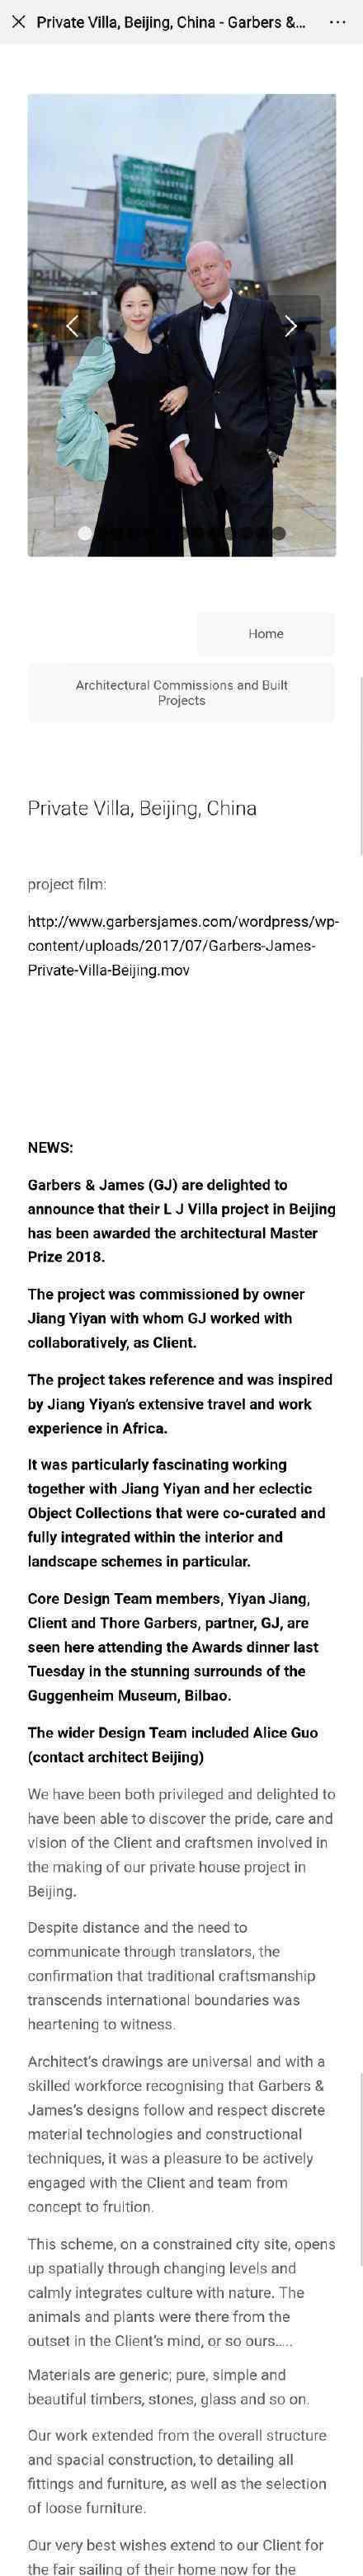 建筑设计工作室回应江一燕获奖 江一燕获奖事件怎么回事